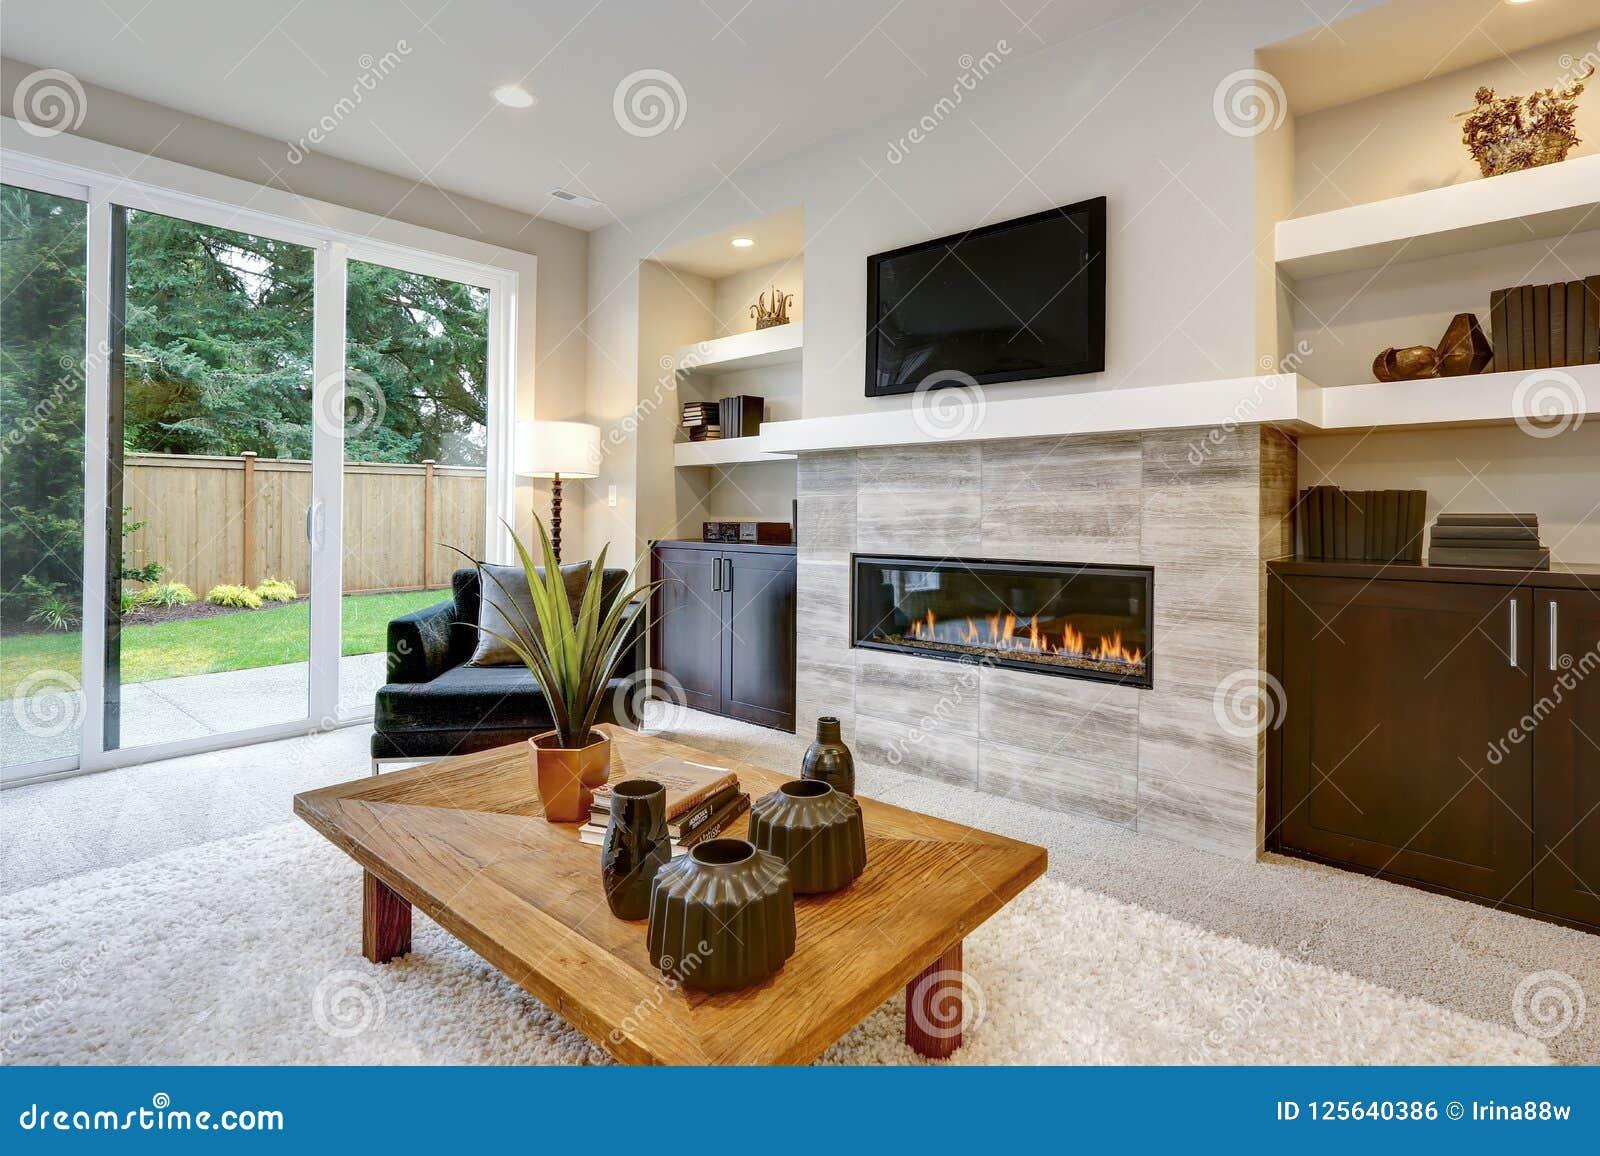 Schoner Moderner Wohnzimmerinnenraum Mit Steinwand Und Kamin Im Luxushaus Stockfoto Bild Von Kamin Schoner 125640386